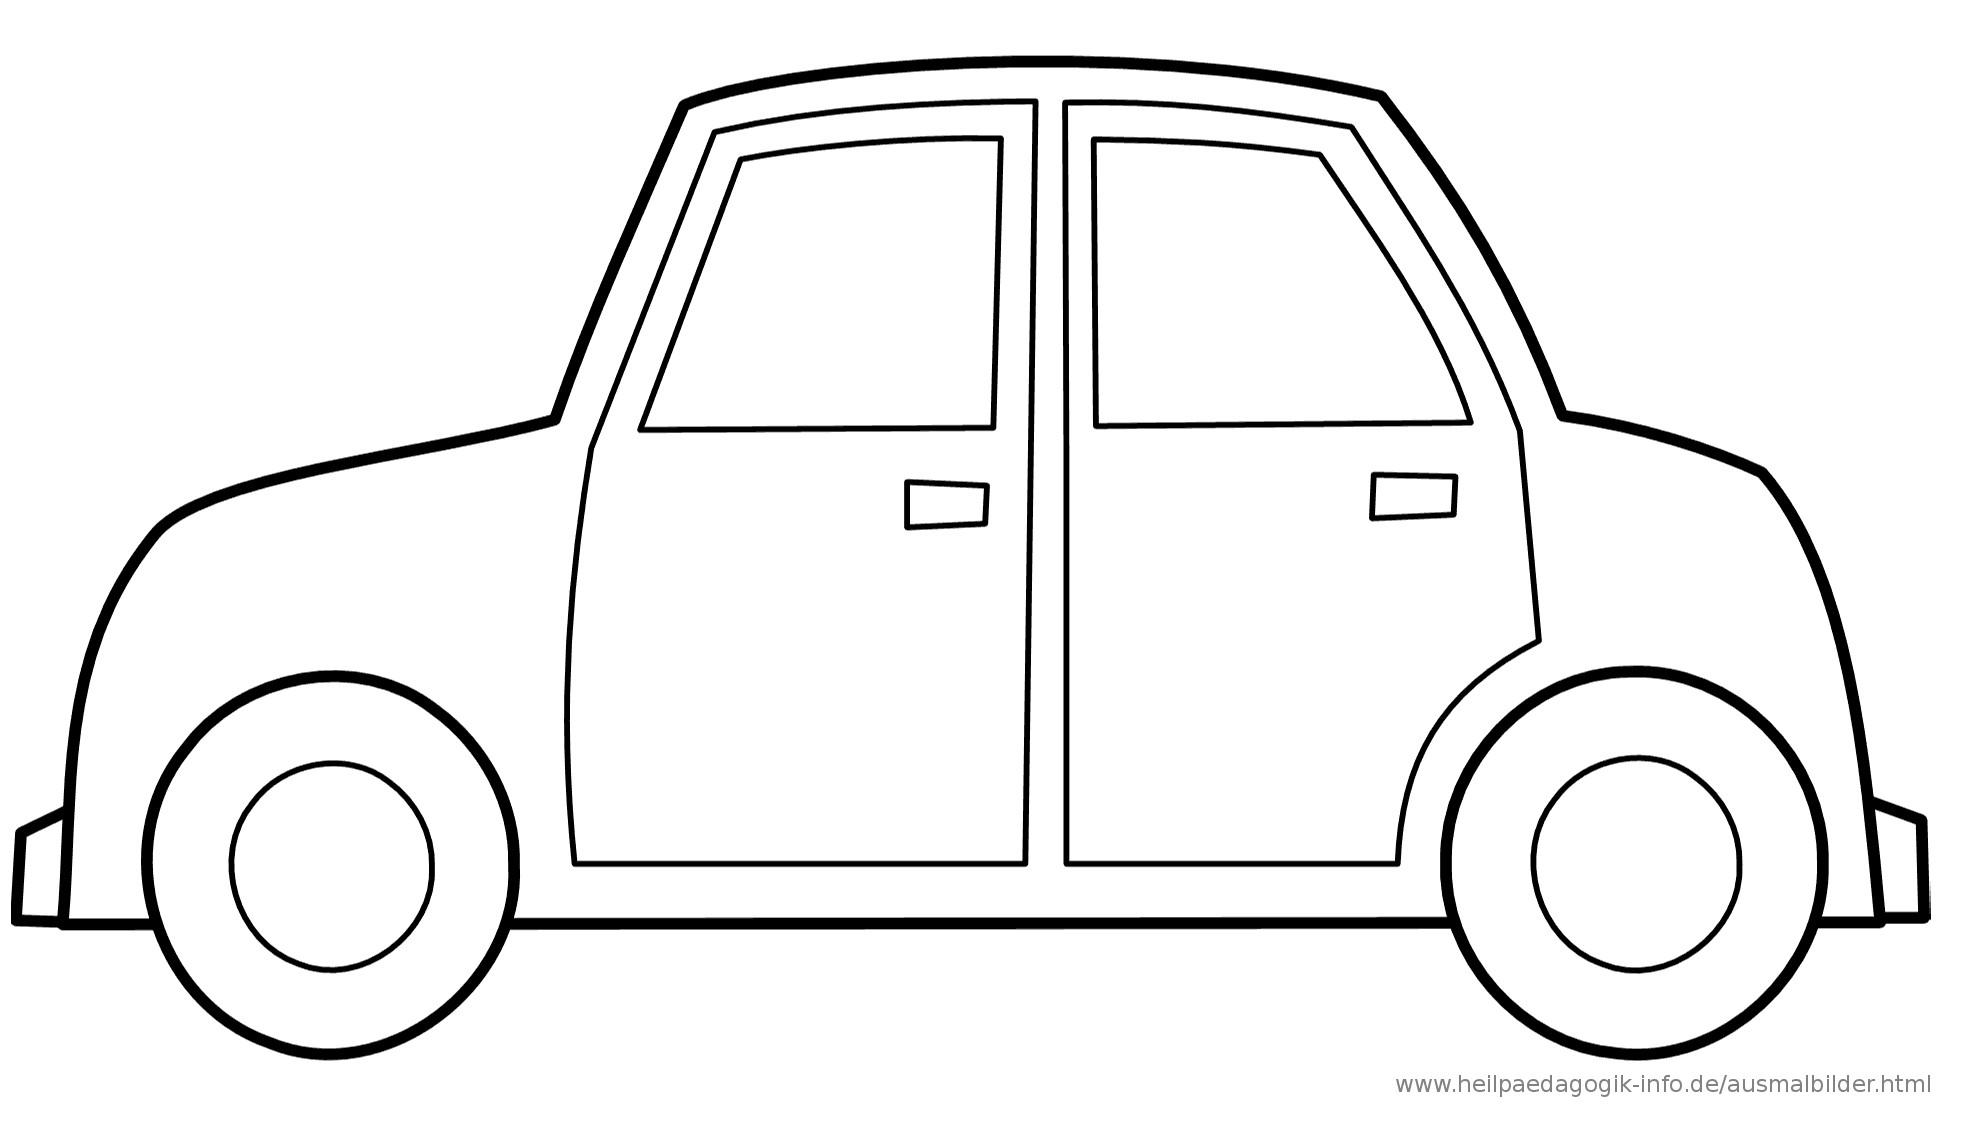 Ausmalbilder Auto  Ausmalbilder Autos